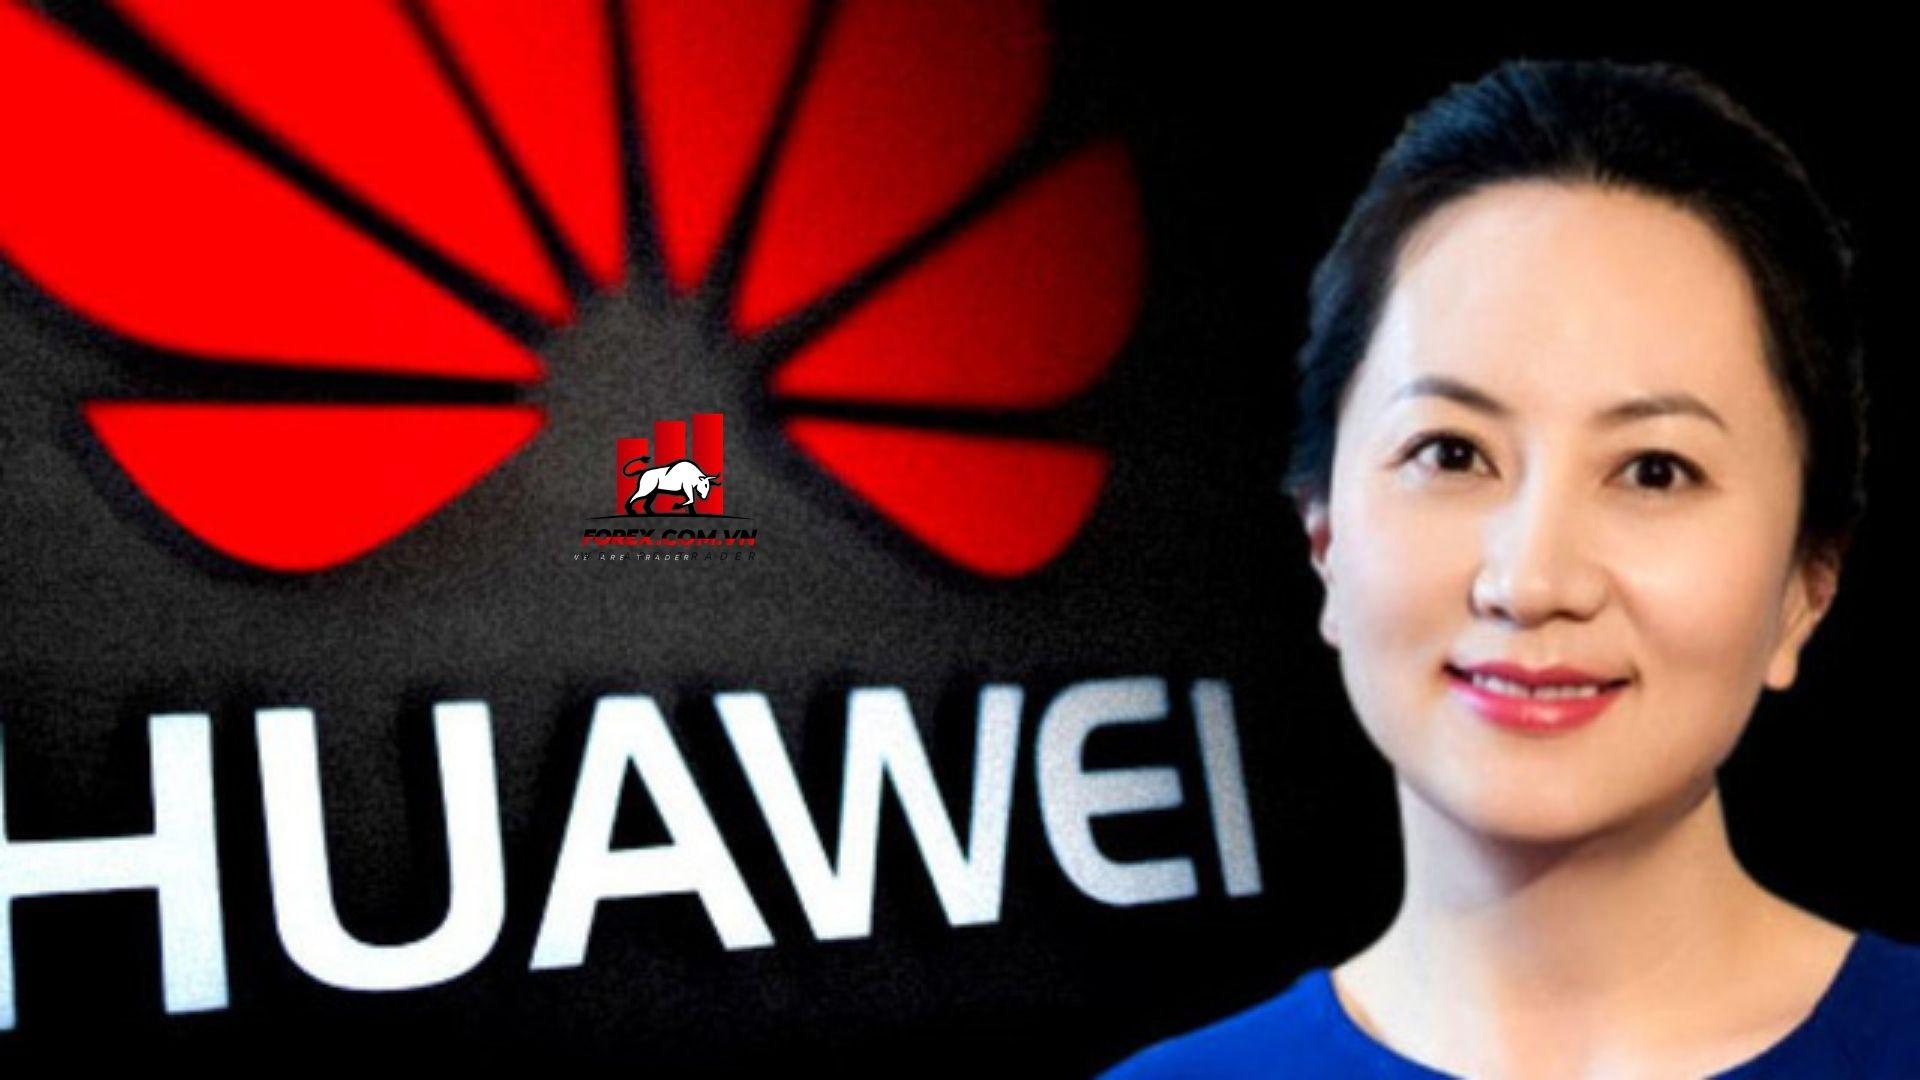 Giám đốc tài chính của Huawei Technologies Co Ltd - Meng Wanzhou trở lại tòa án